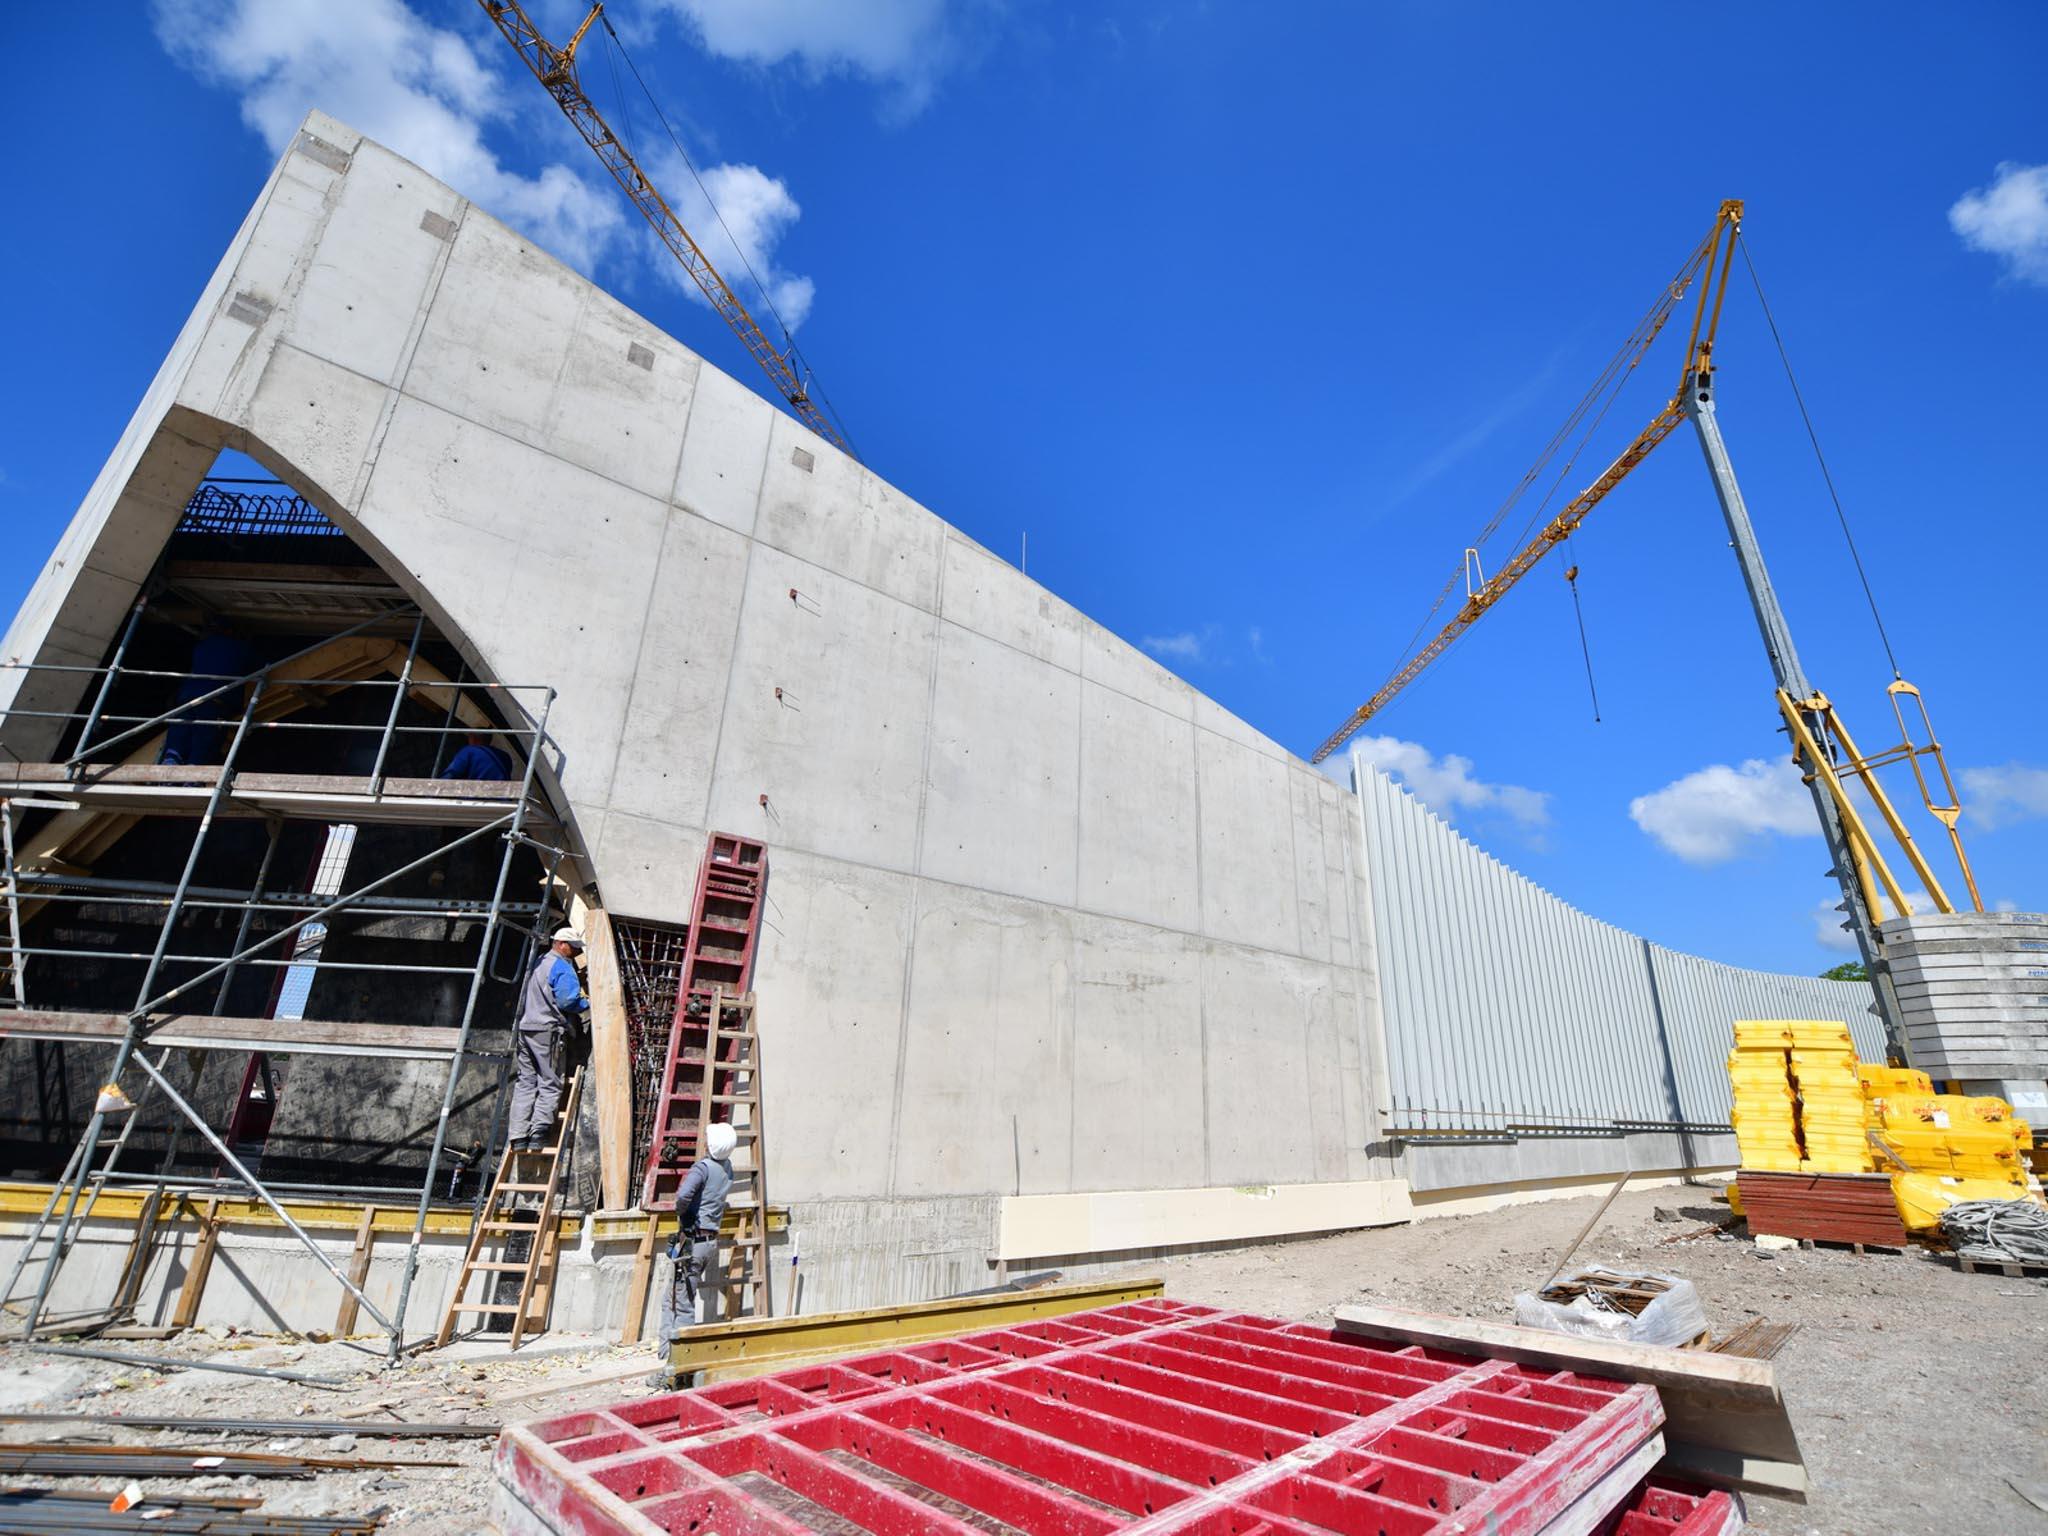 Betonfassade eines Firmengebäudes in der Konstruktion